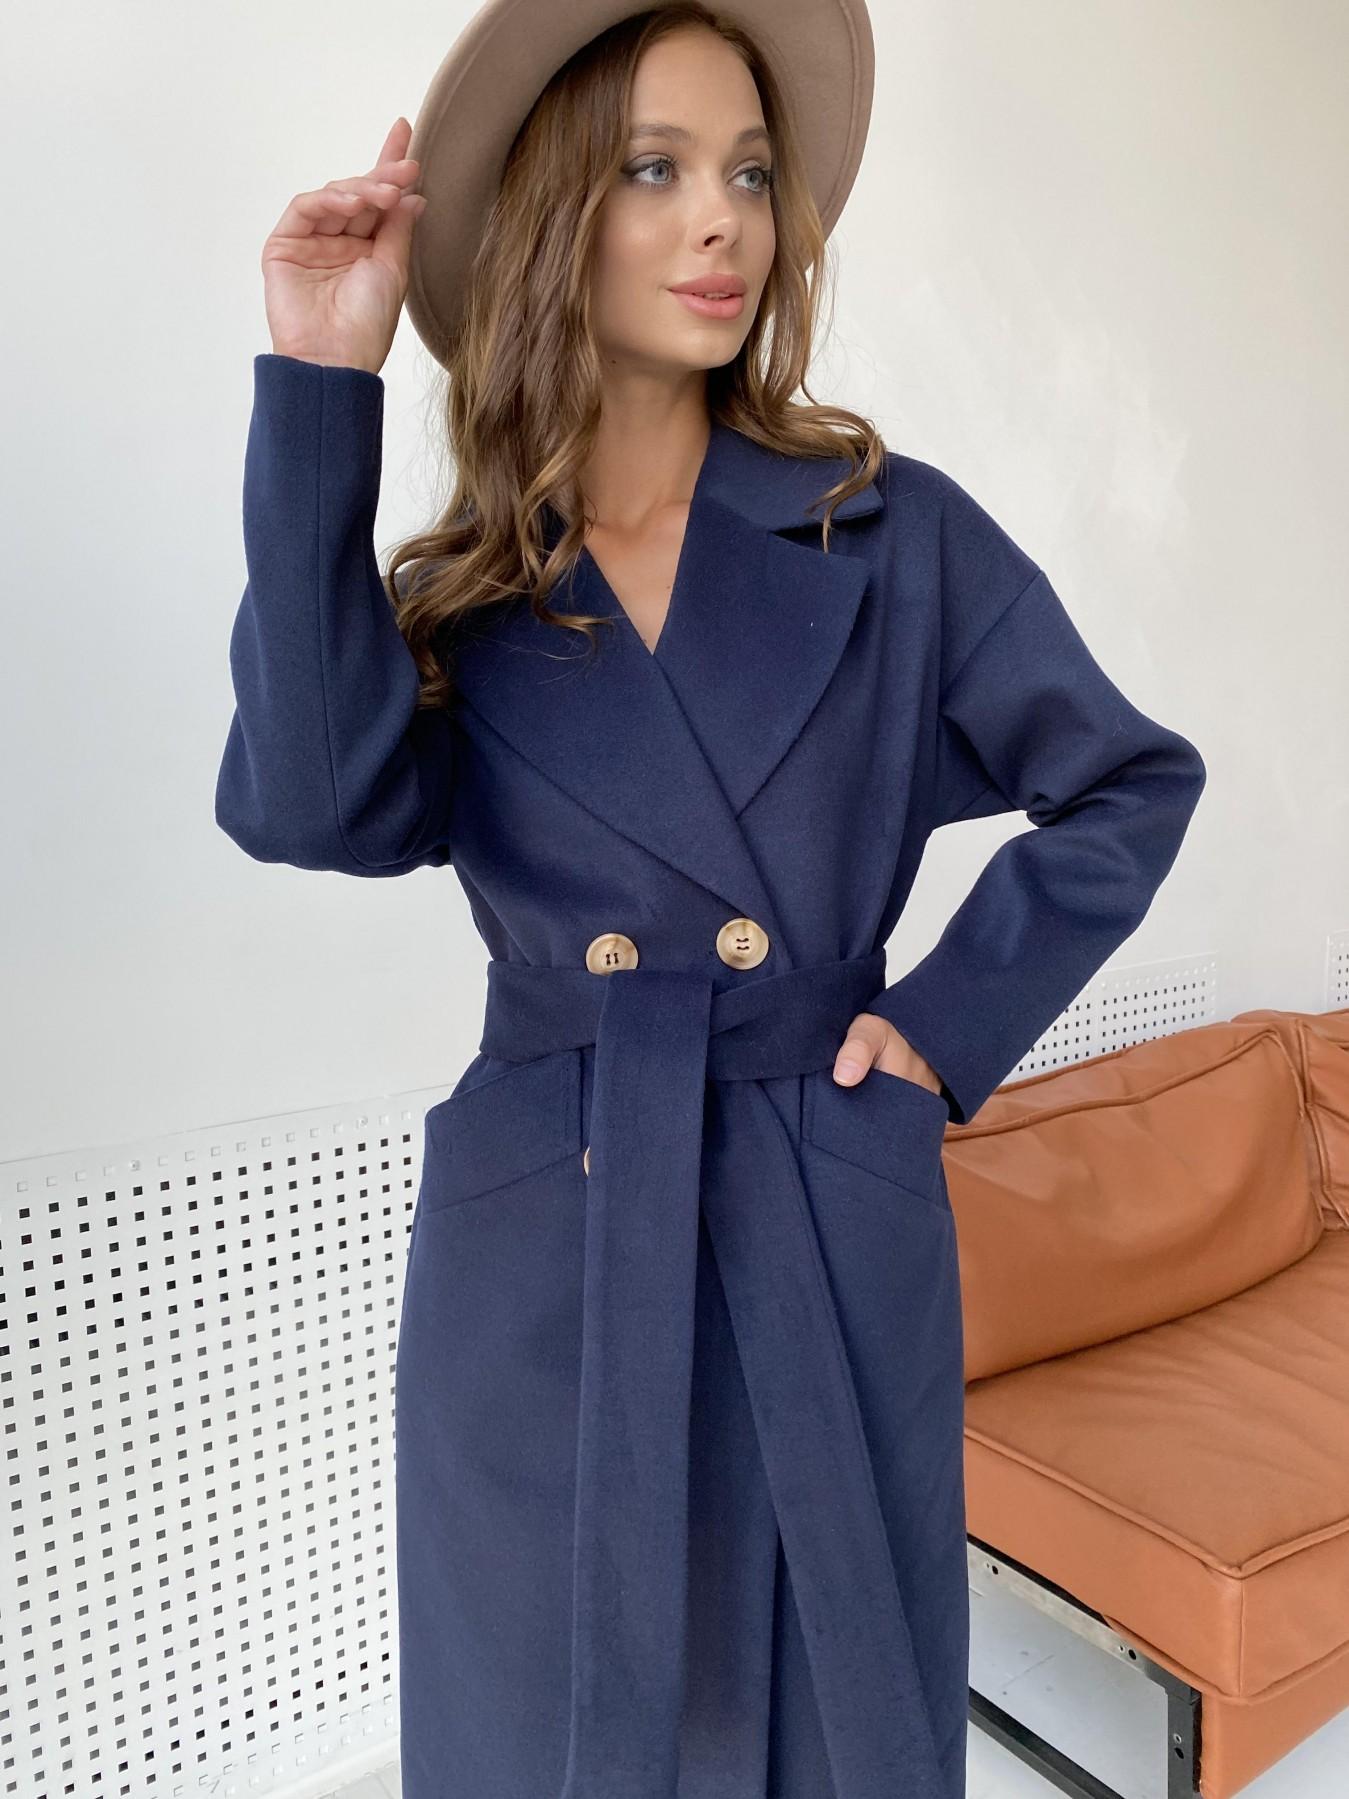 Сенсей пальто макси из кашемира   10309 АРТ. 48360 Цвет: Т.синий - фото 9, интернет магазин tm-modus.ru